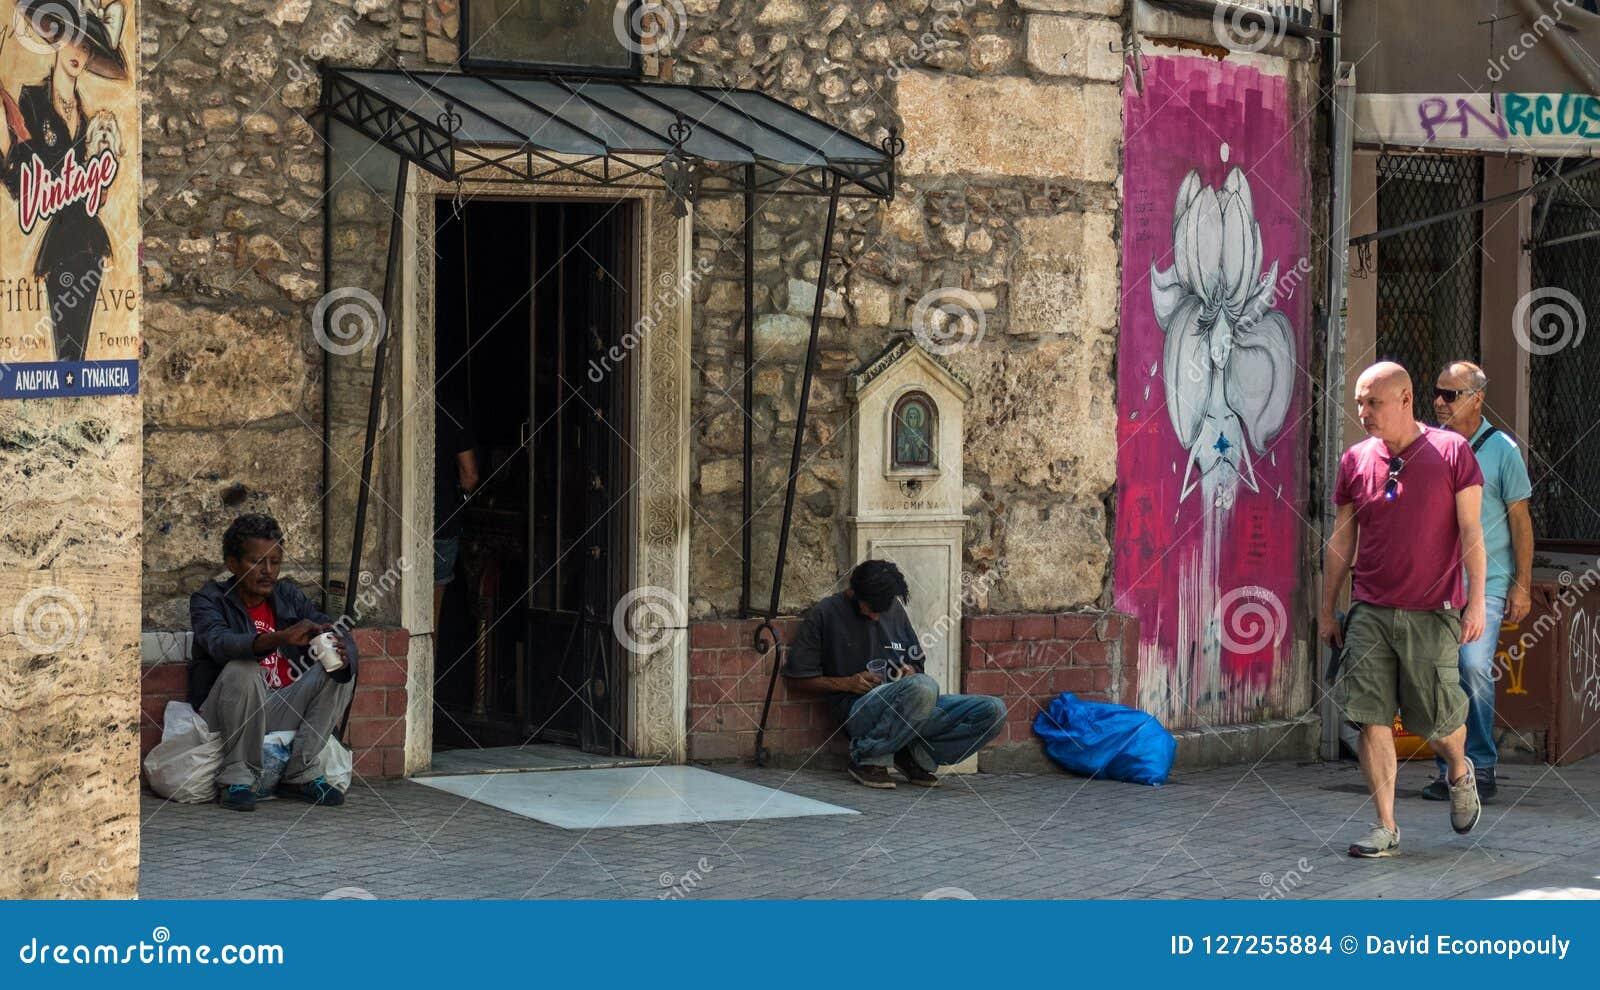 Αθήνα Ελλάδα στις 17 Αυγούστου 2018: Δύο άστεγα άτομα στην Αθήνα